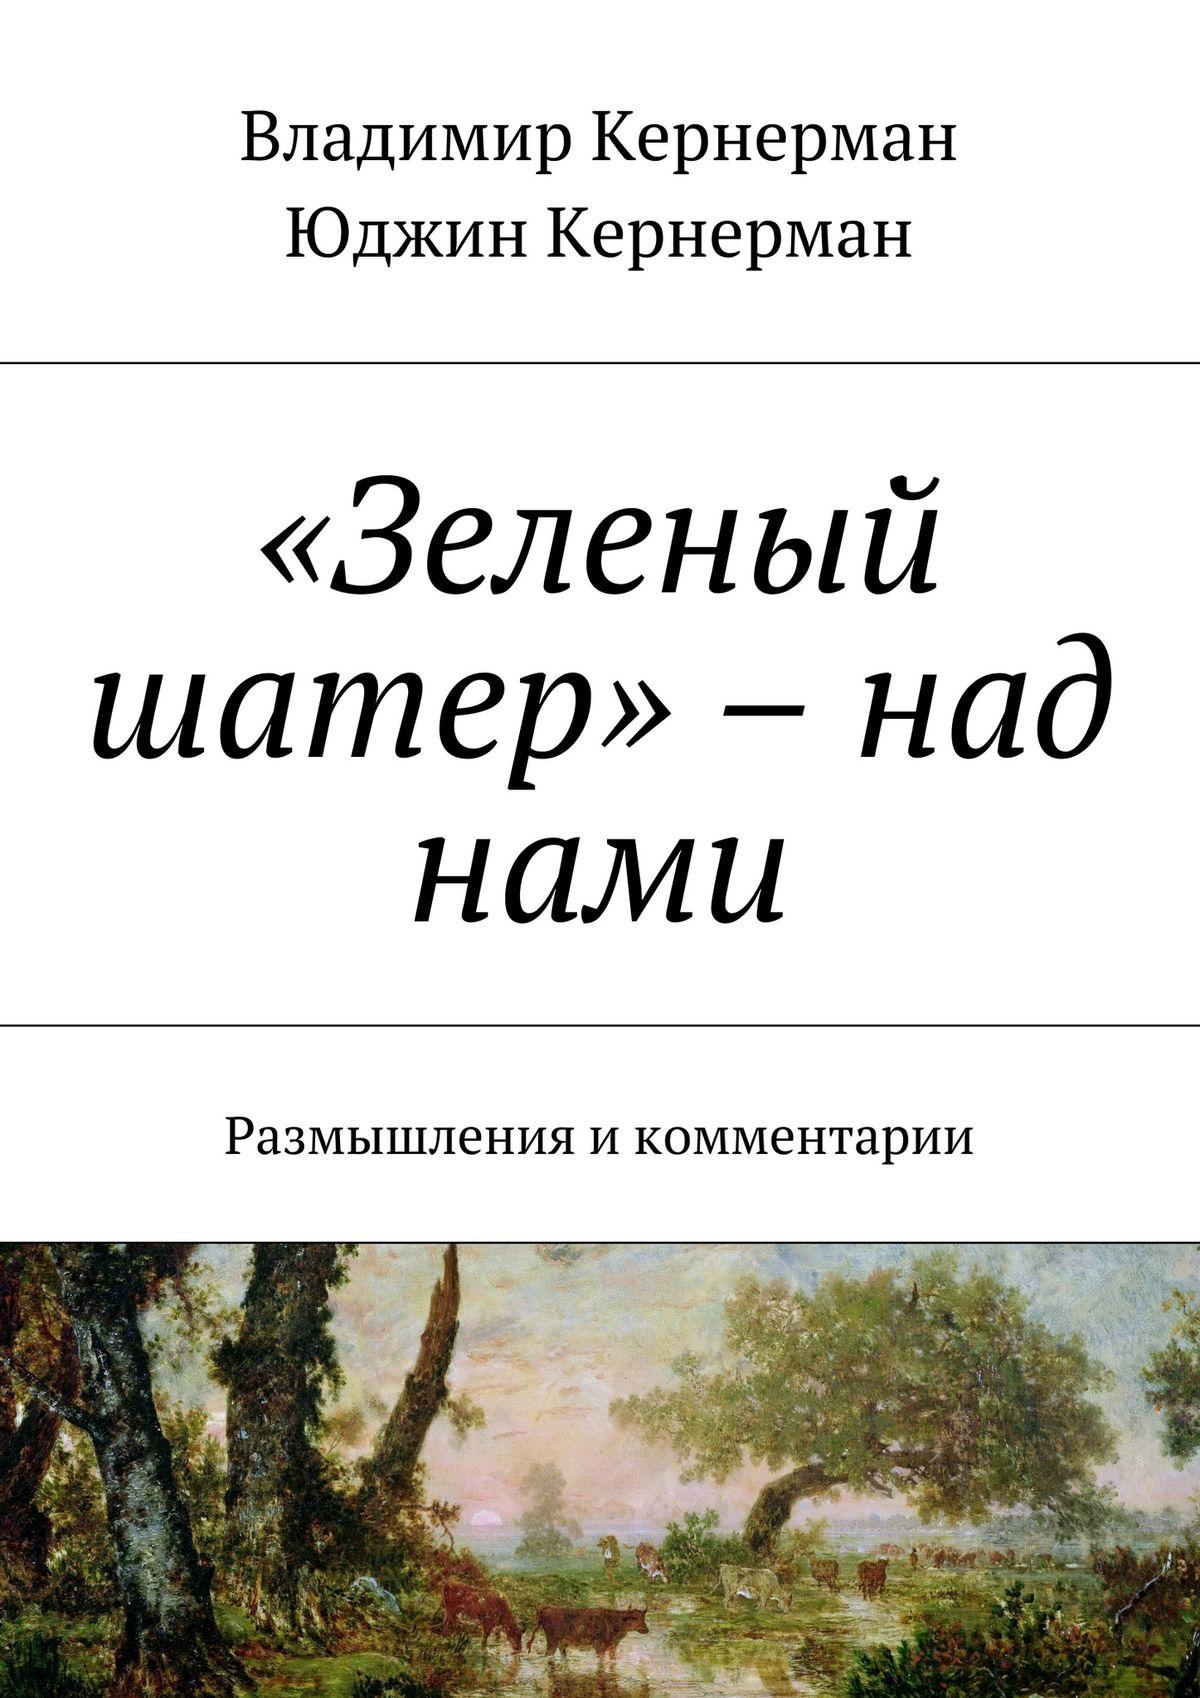 Владимир Кернерман «Зеленый шатер» – над нами. Размышления икомментарии улицкая л зеленый шатер